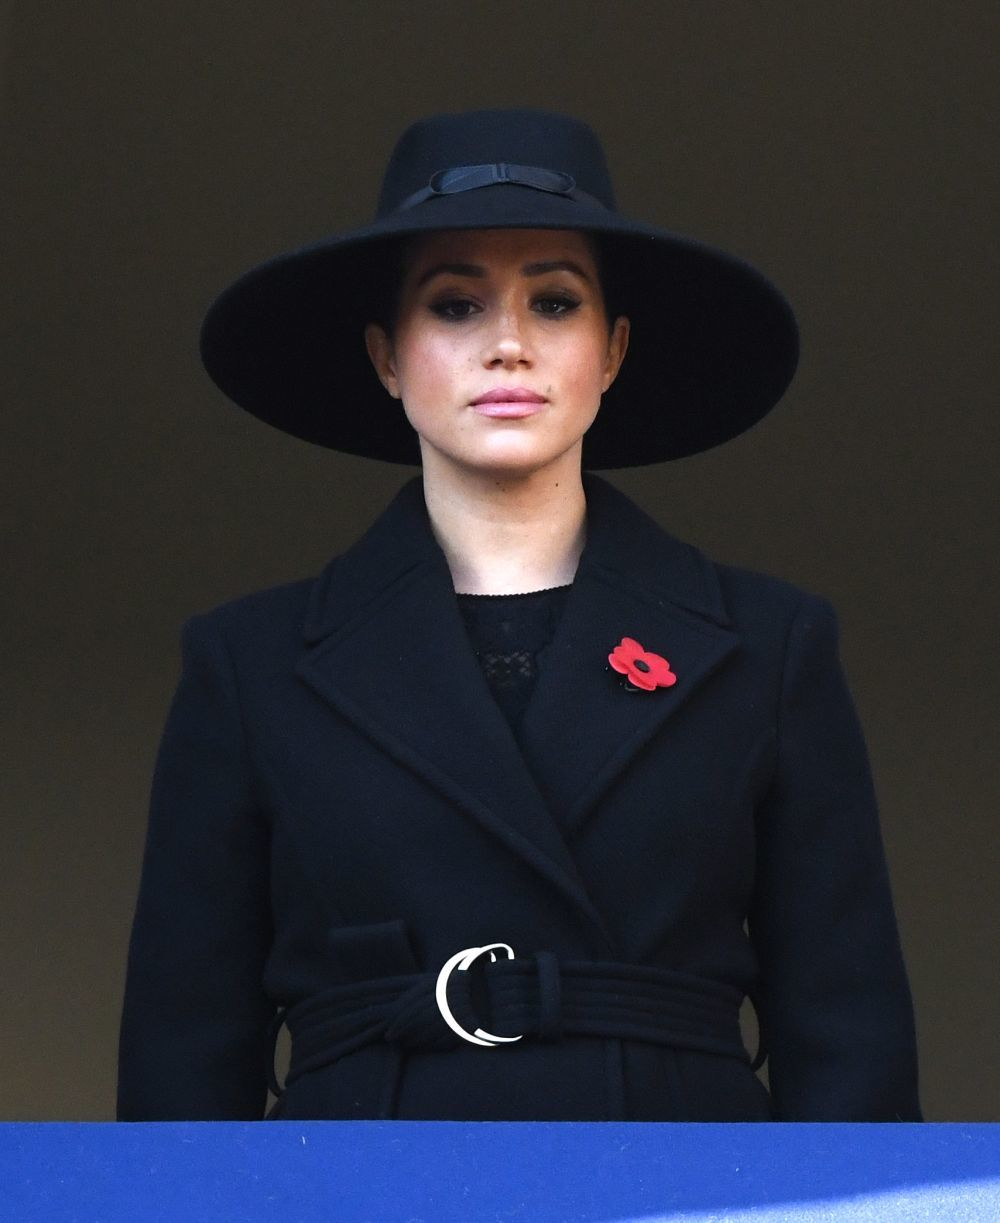 La fotografía posteada por Stella McCartney con Meghan Markle luciendo su abrigo.